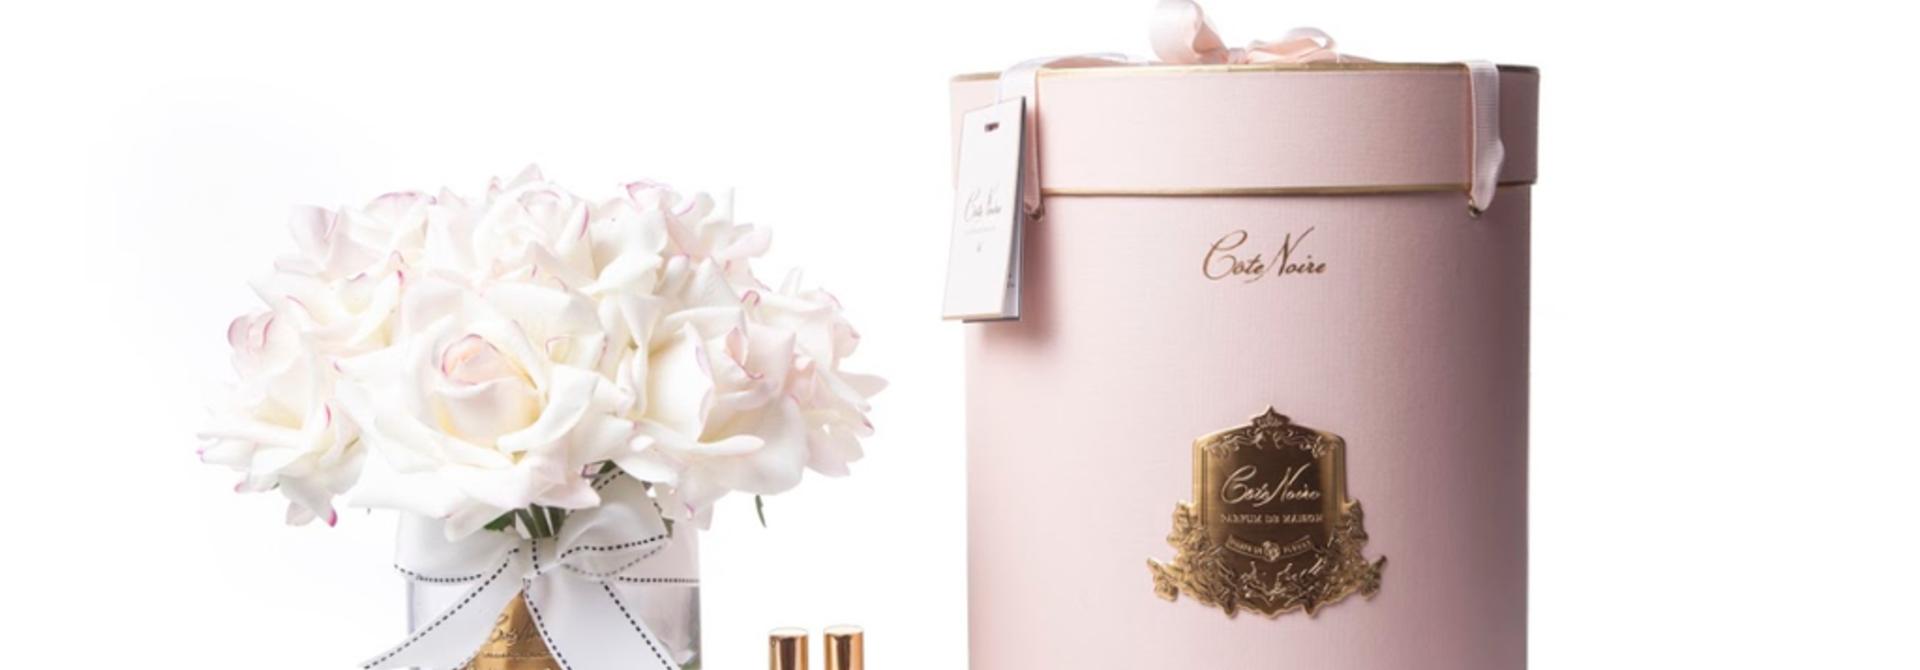 COTE NOIRE - Large Bouquet Rose Blush Clear Vase